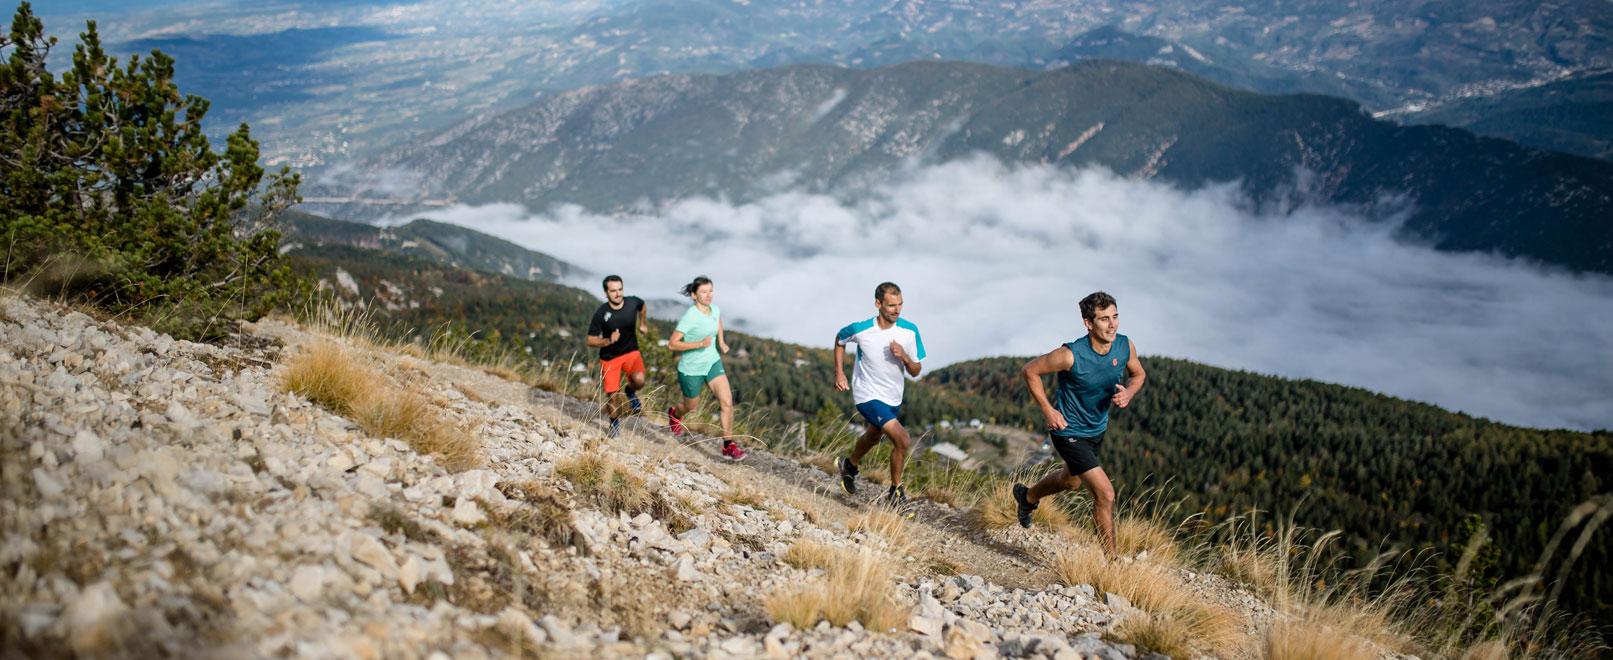 Actividades deportivas en el Vaucluse © Rosso